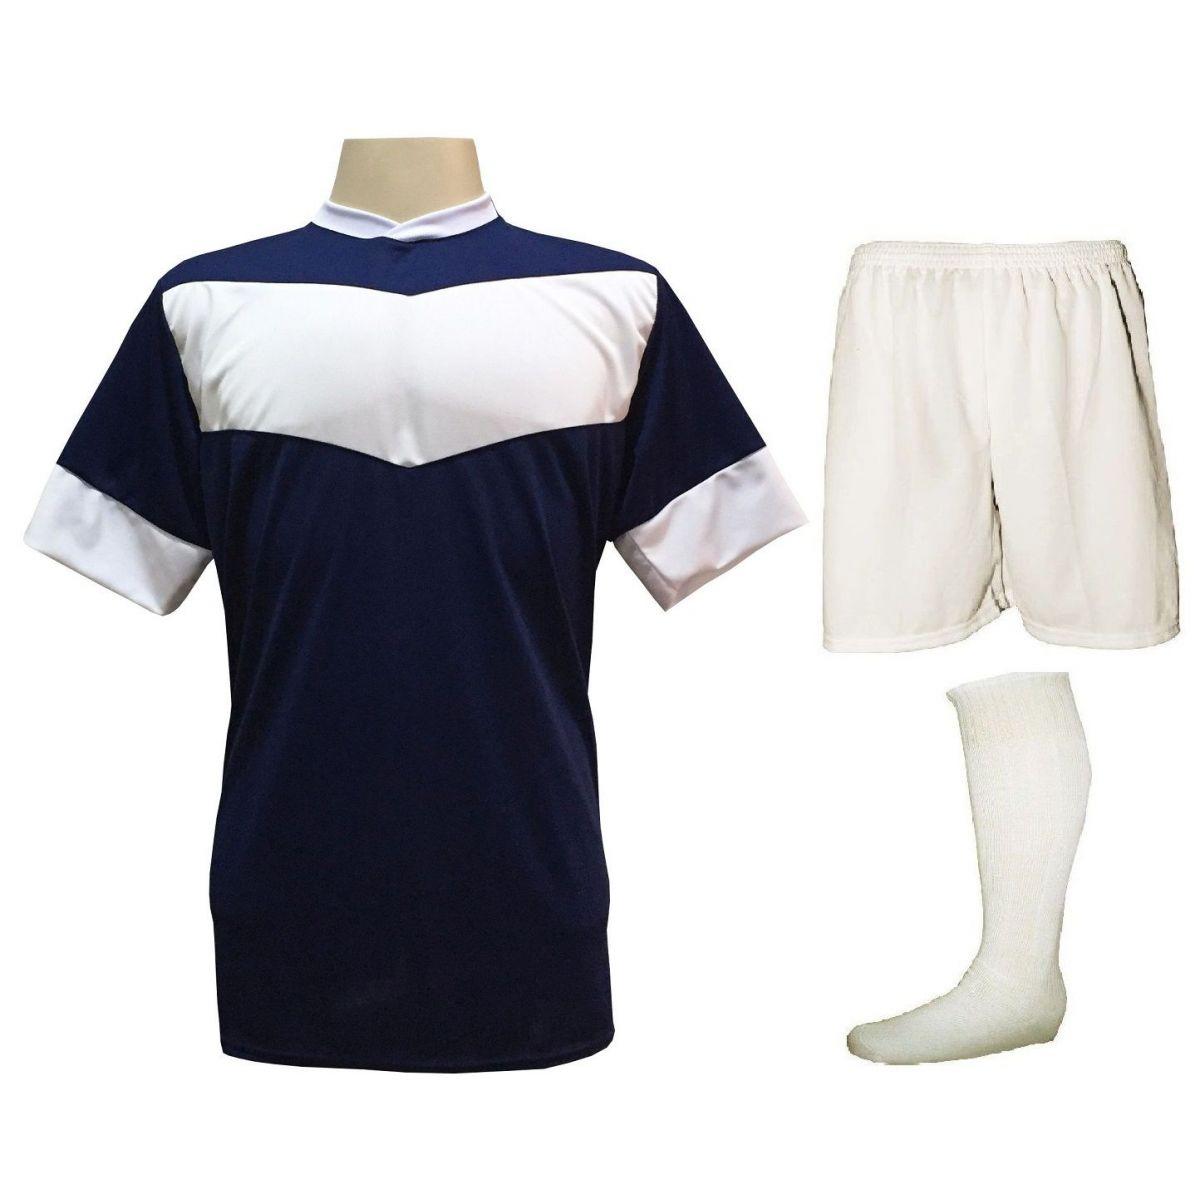 Fardamento Completo Modelo Columbus 18+1 (18 Camisas Marinho/Branco + 18 Calções Madrid Branco + 18 Pares de Meiões Brancos + 1 Conjunto de Goleiro) + Brindes